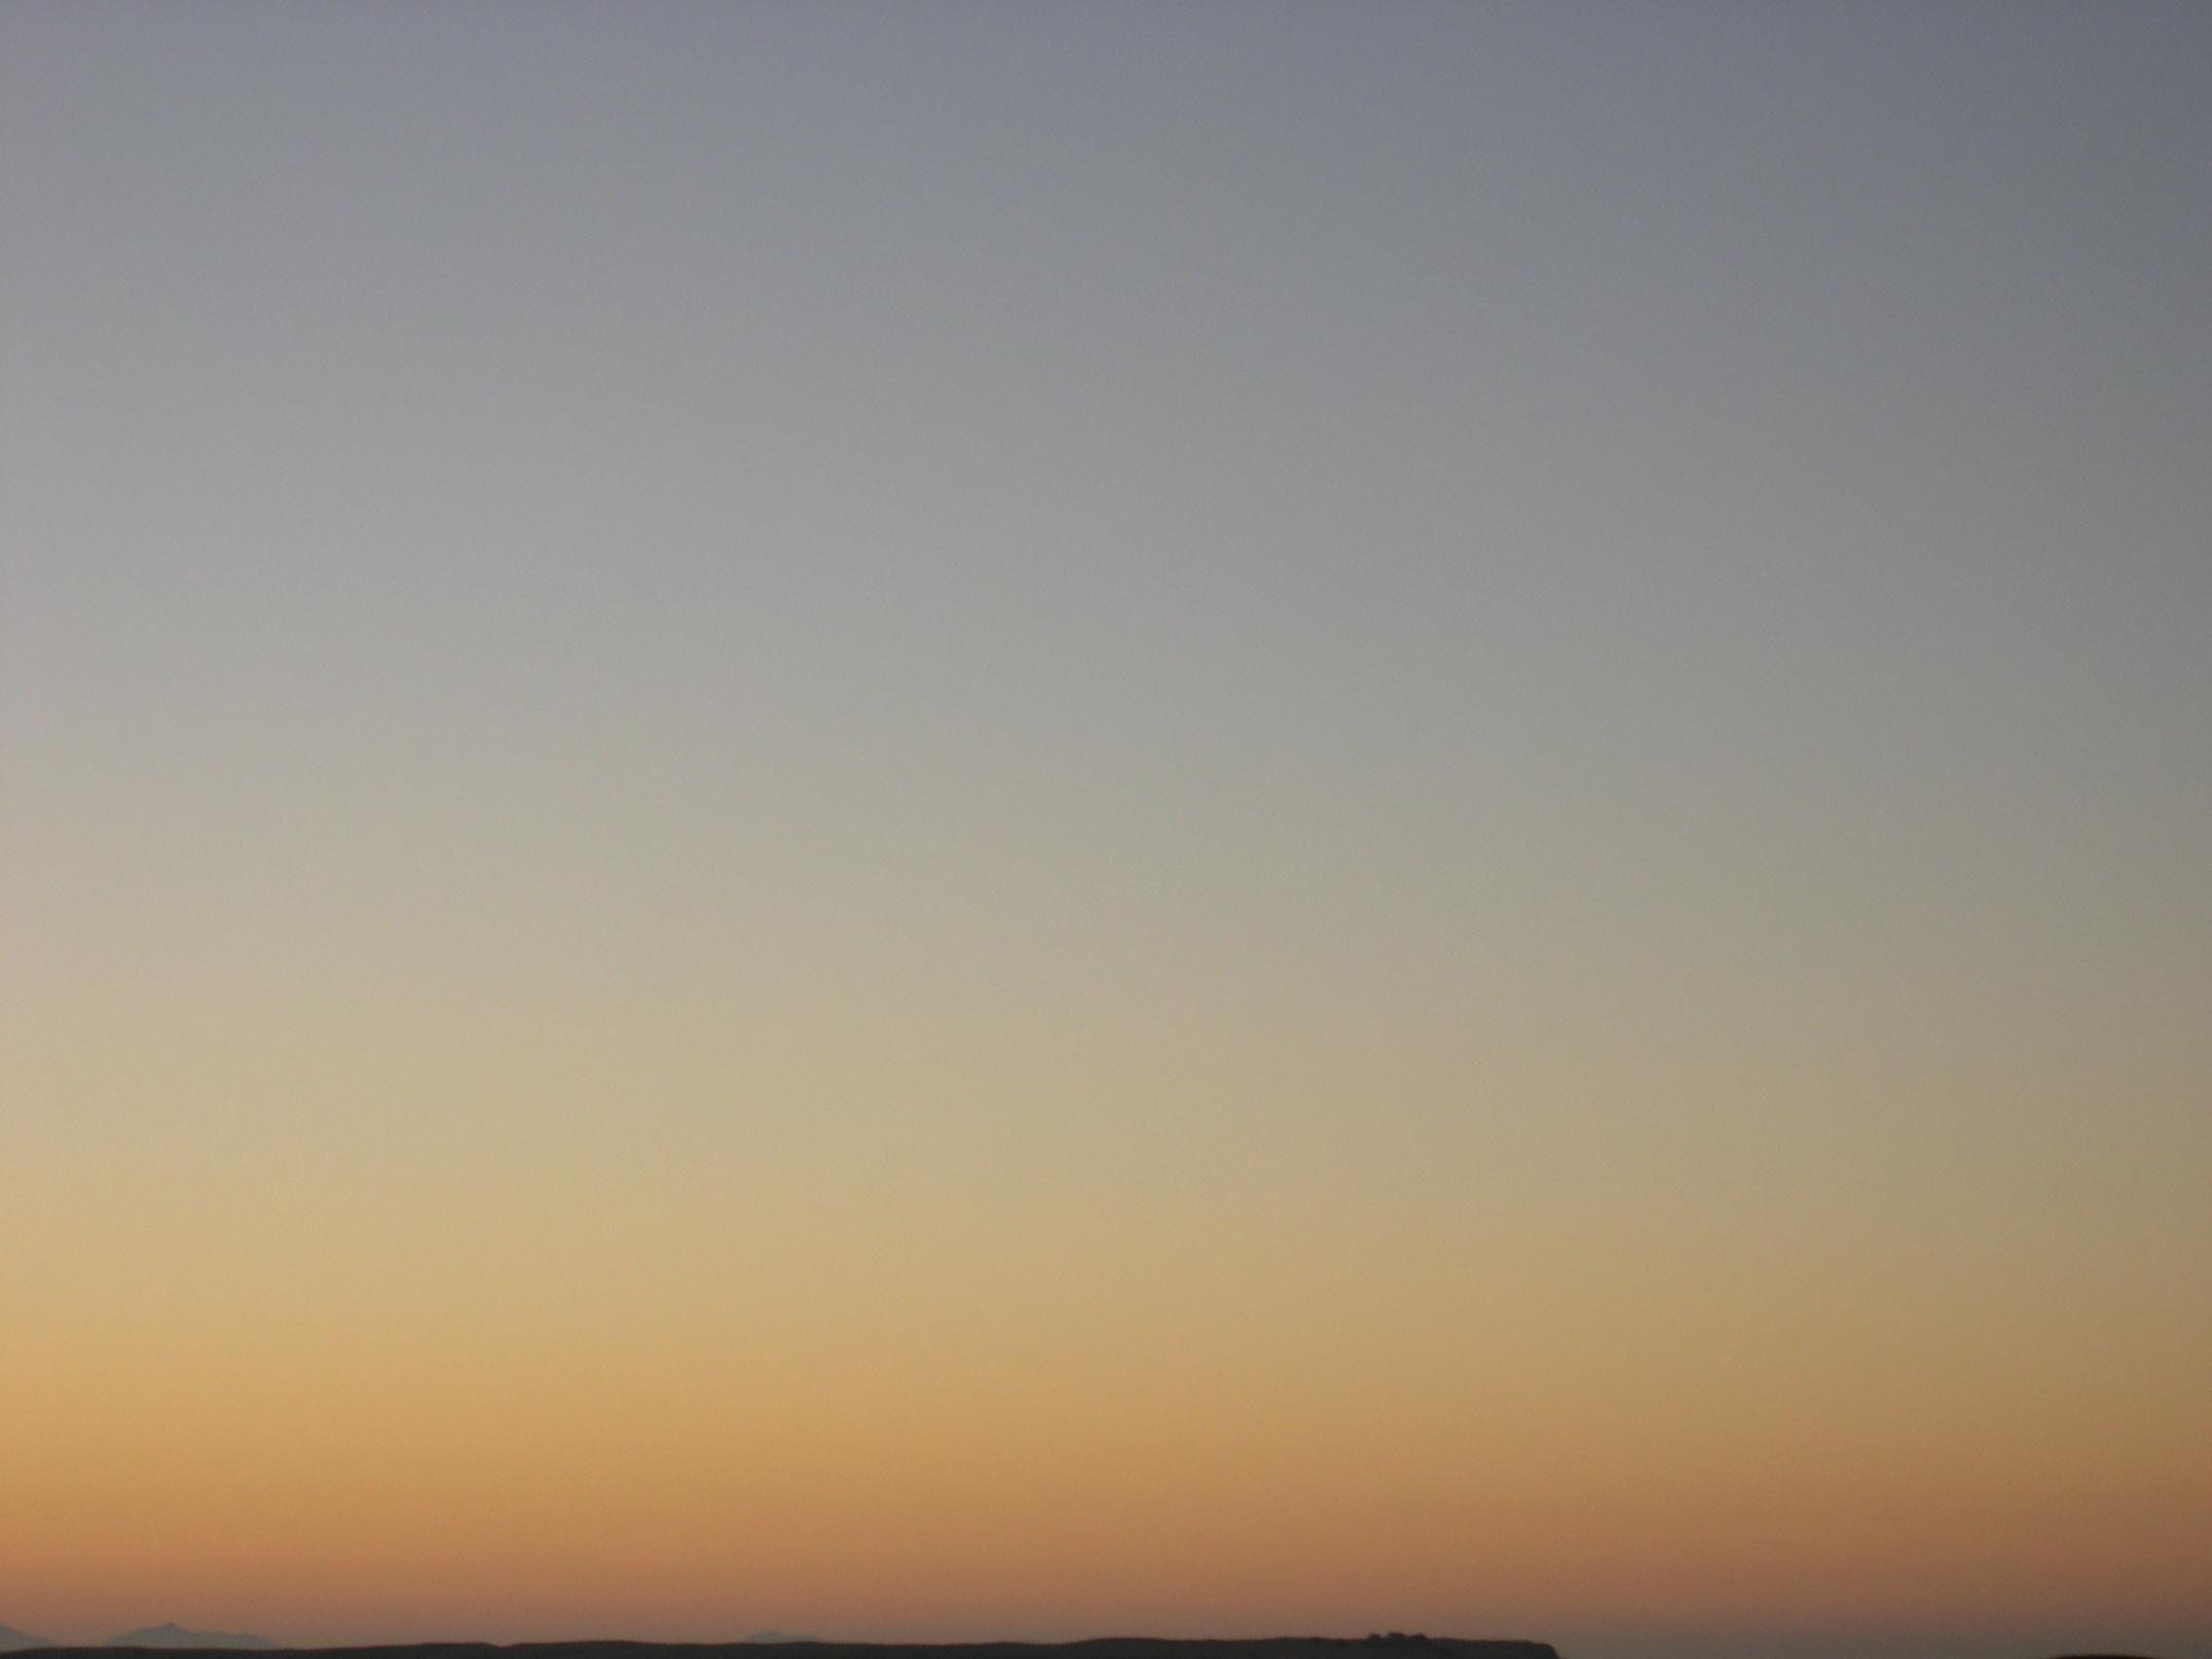 Orange Color Wallpaper Hd Free Picture Sky Gradient Dusk